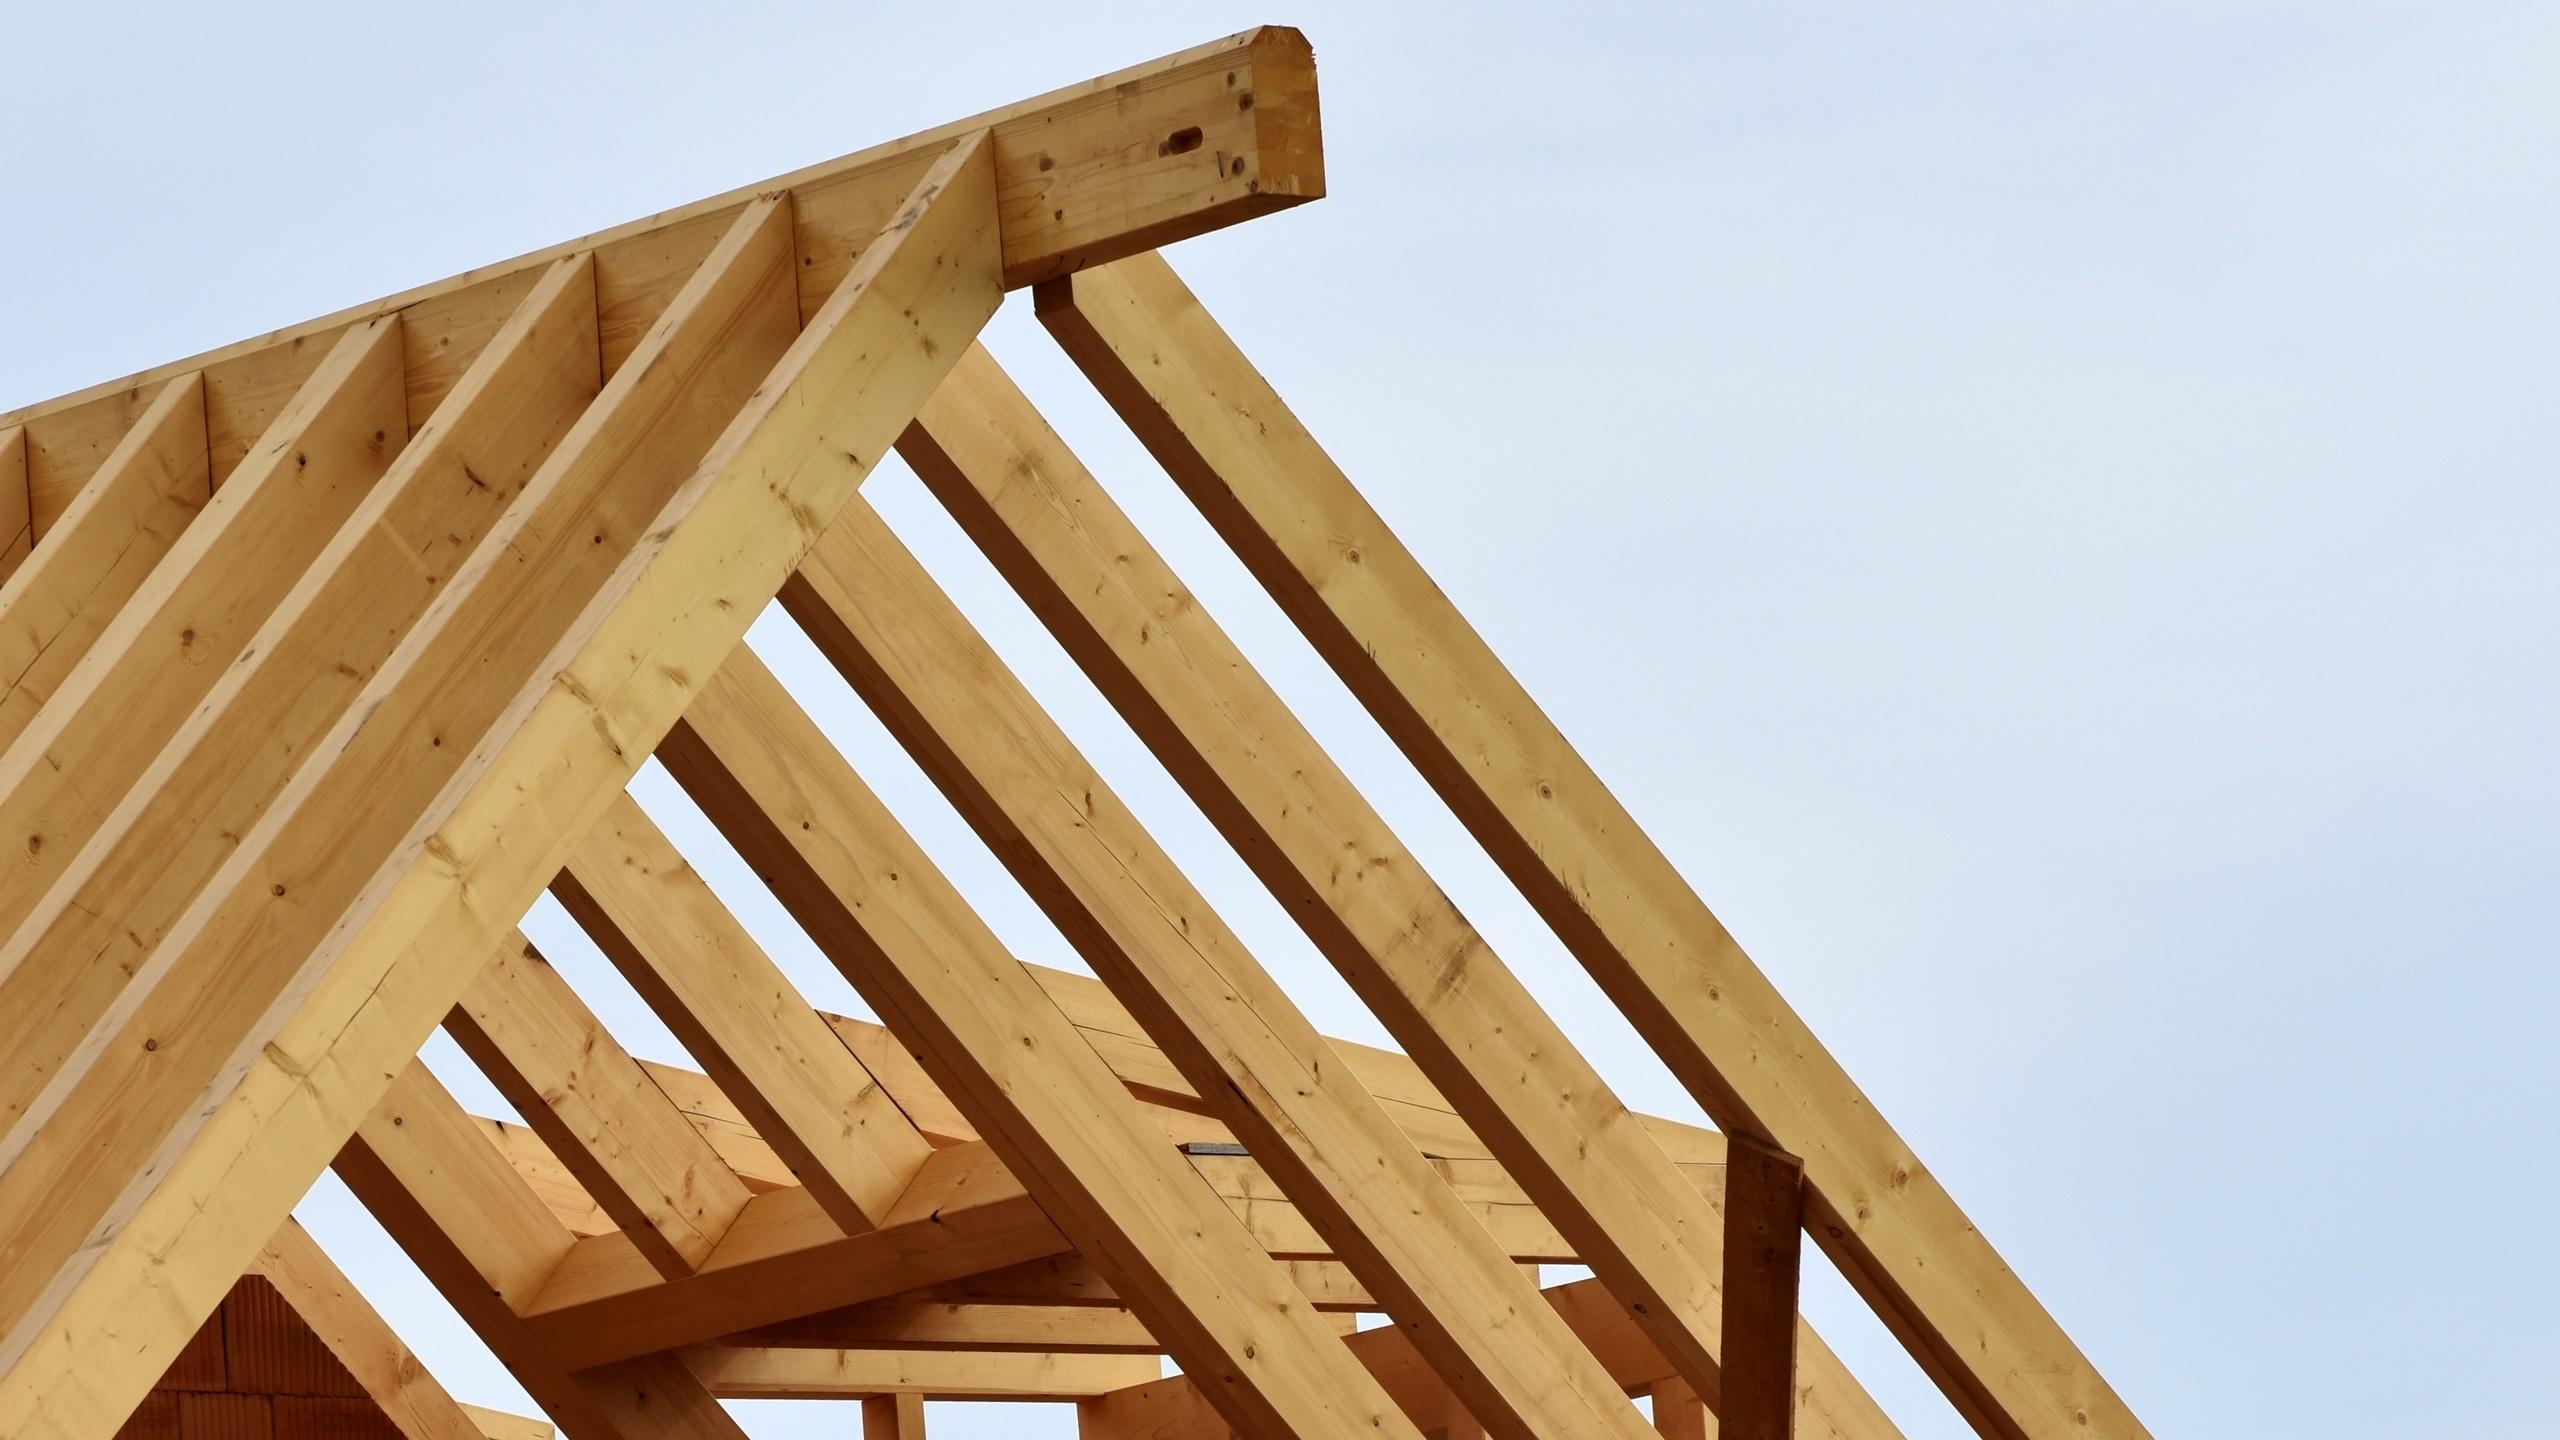 Assi Di Legno Hd : Come calcolare le connessioni di strutture in legno würth news